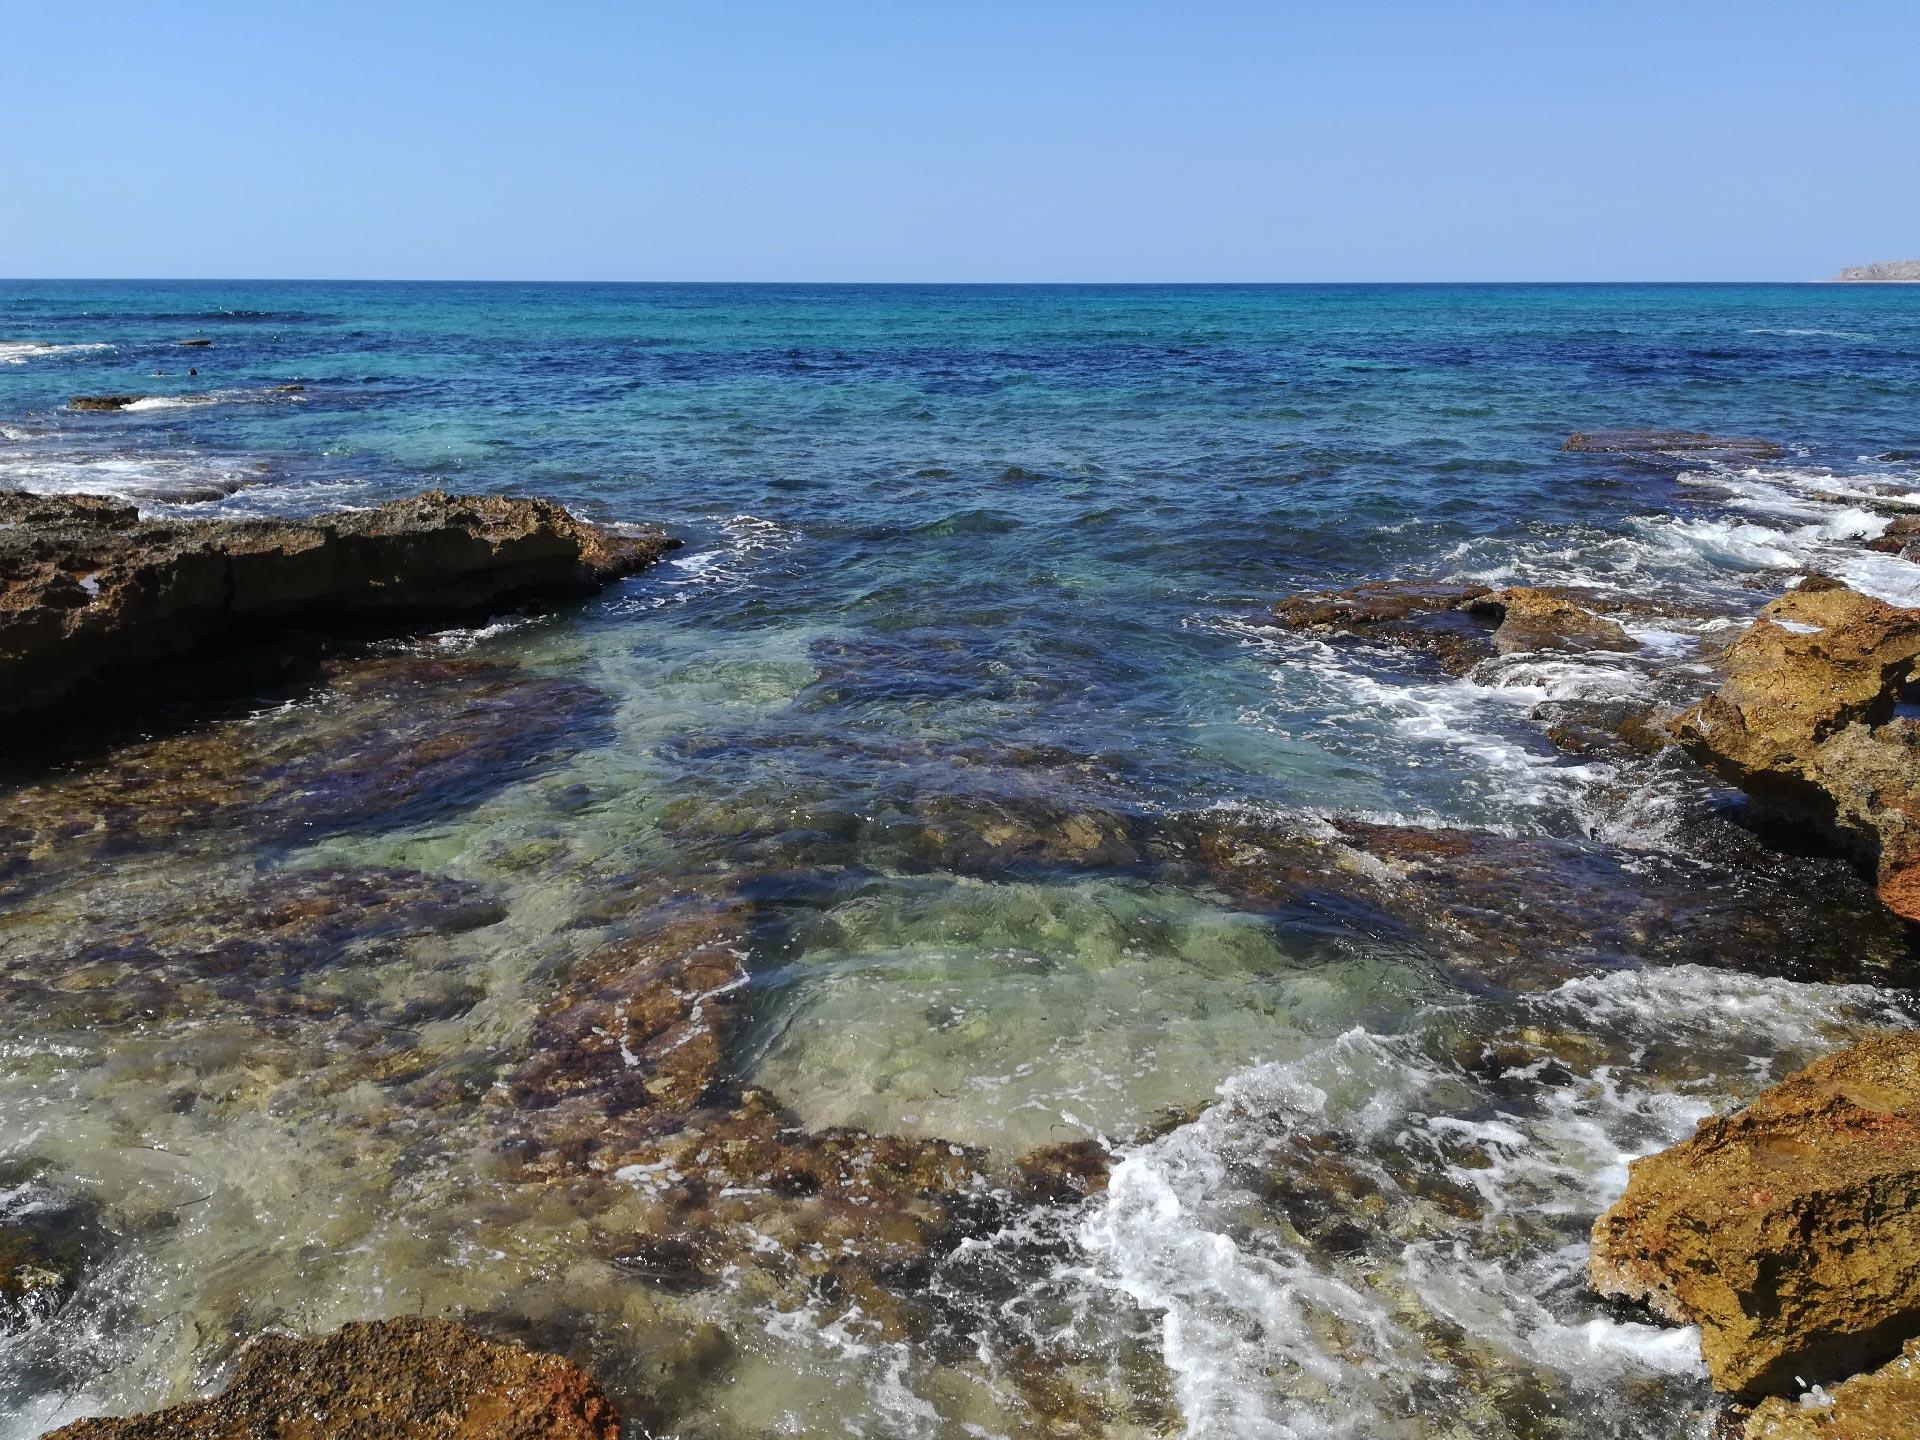 Baia di Santa Margherita, scorcio di una scogliera